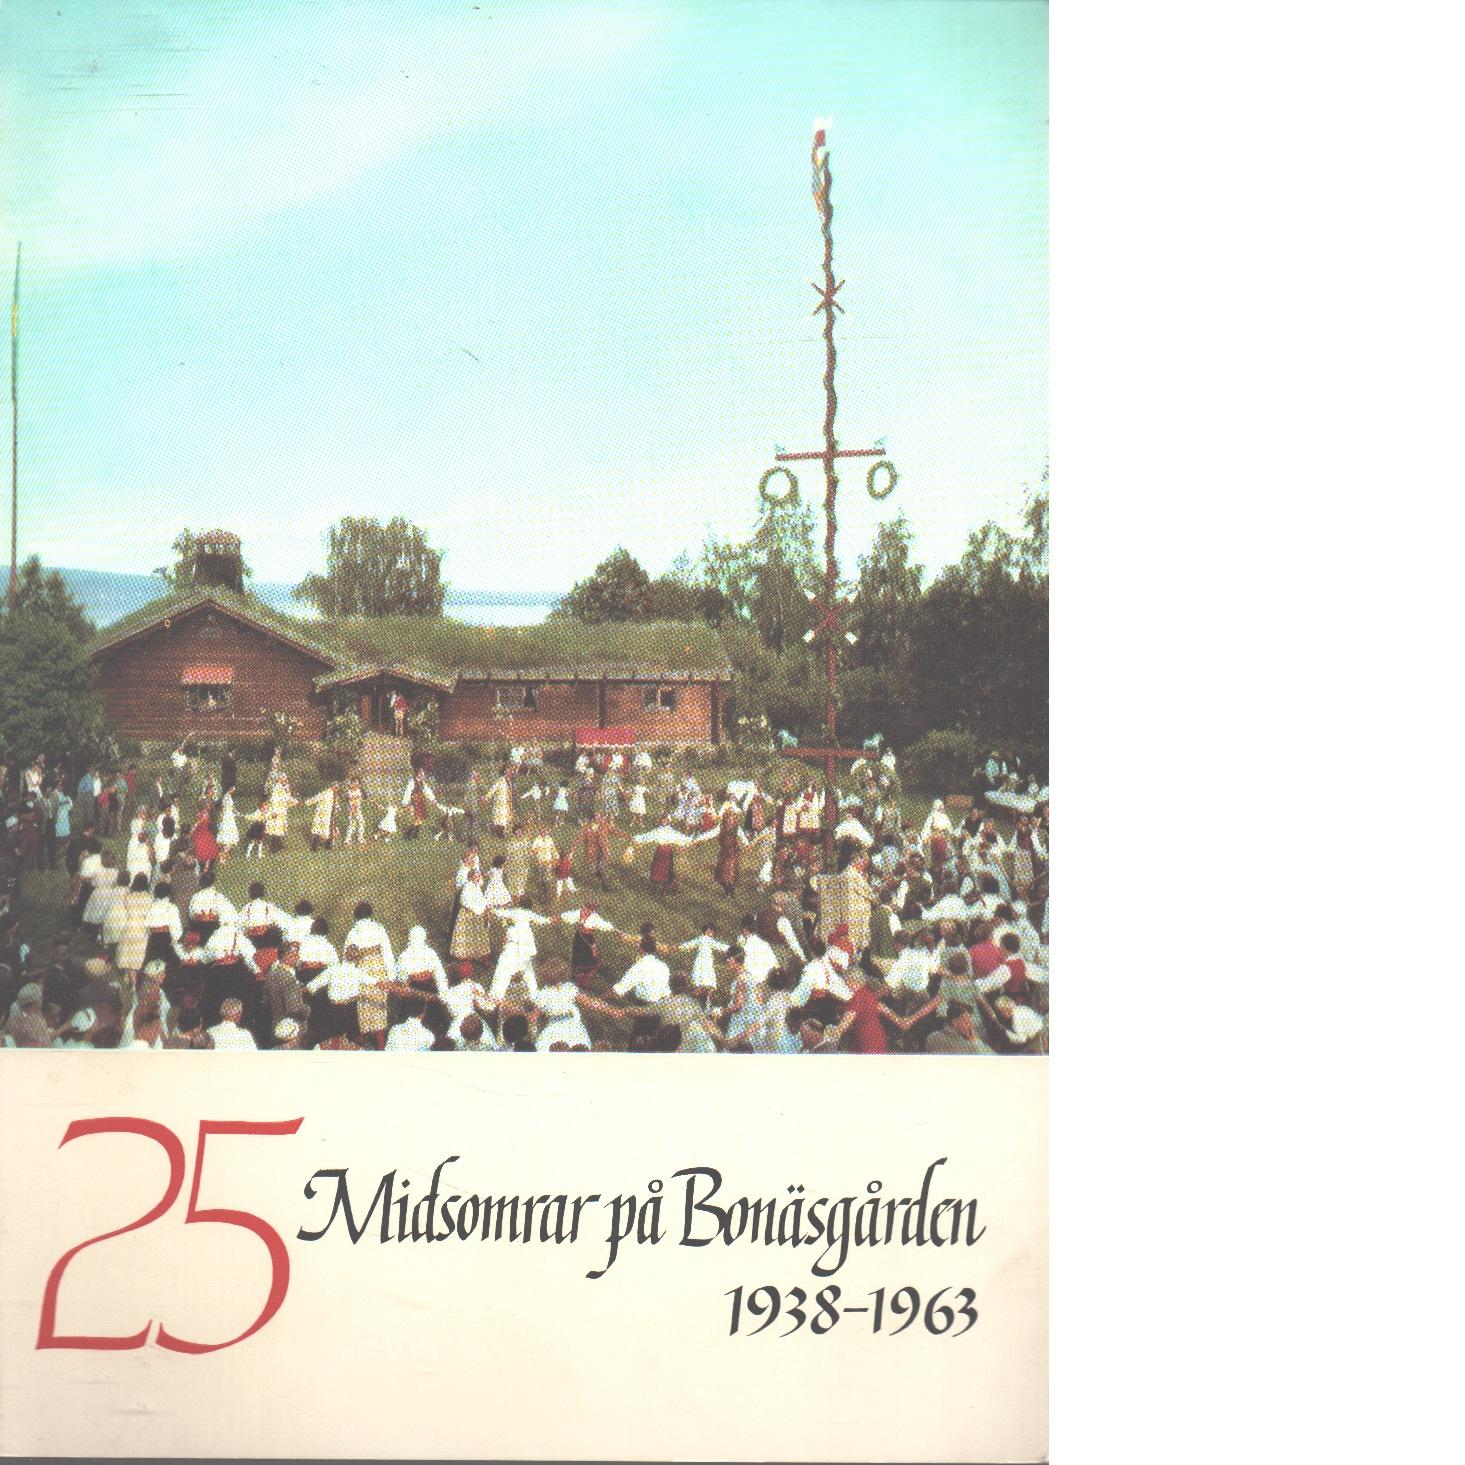 25 midsomrar på bonäsgården 1938-1963. - Boëthius, Gerda